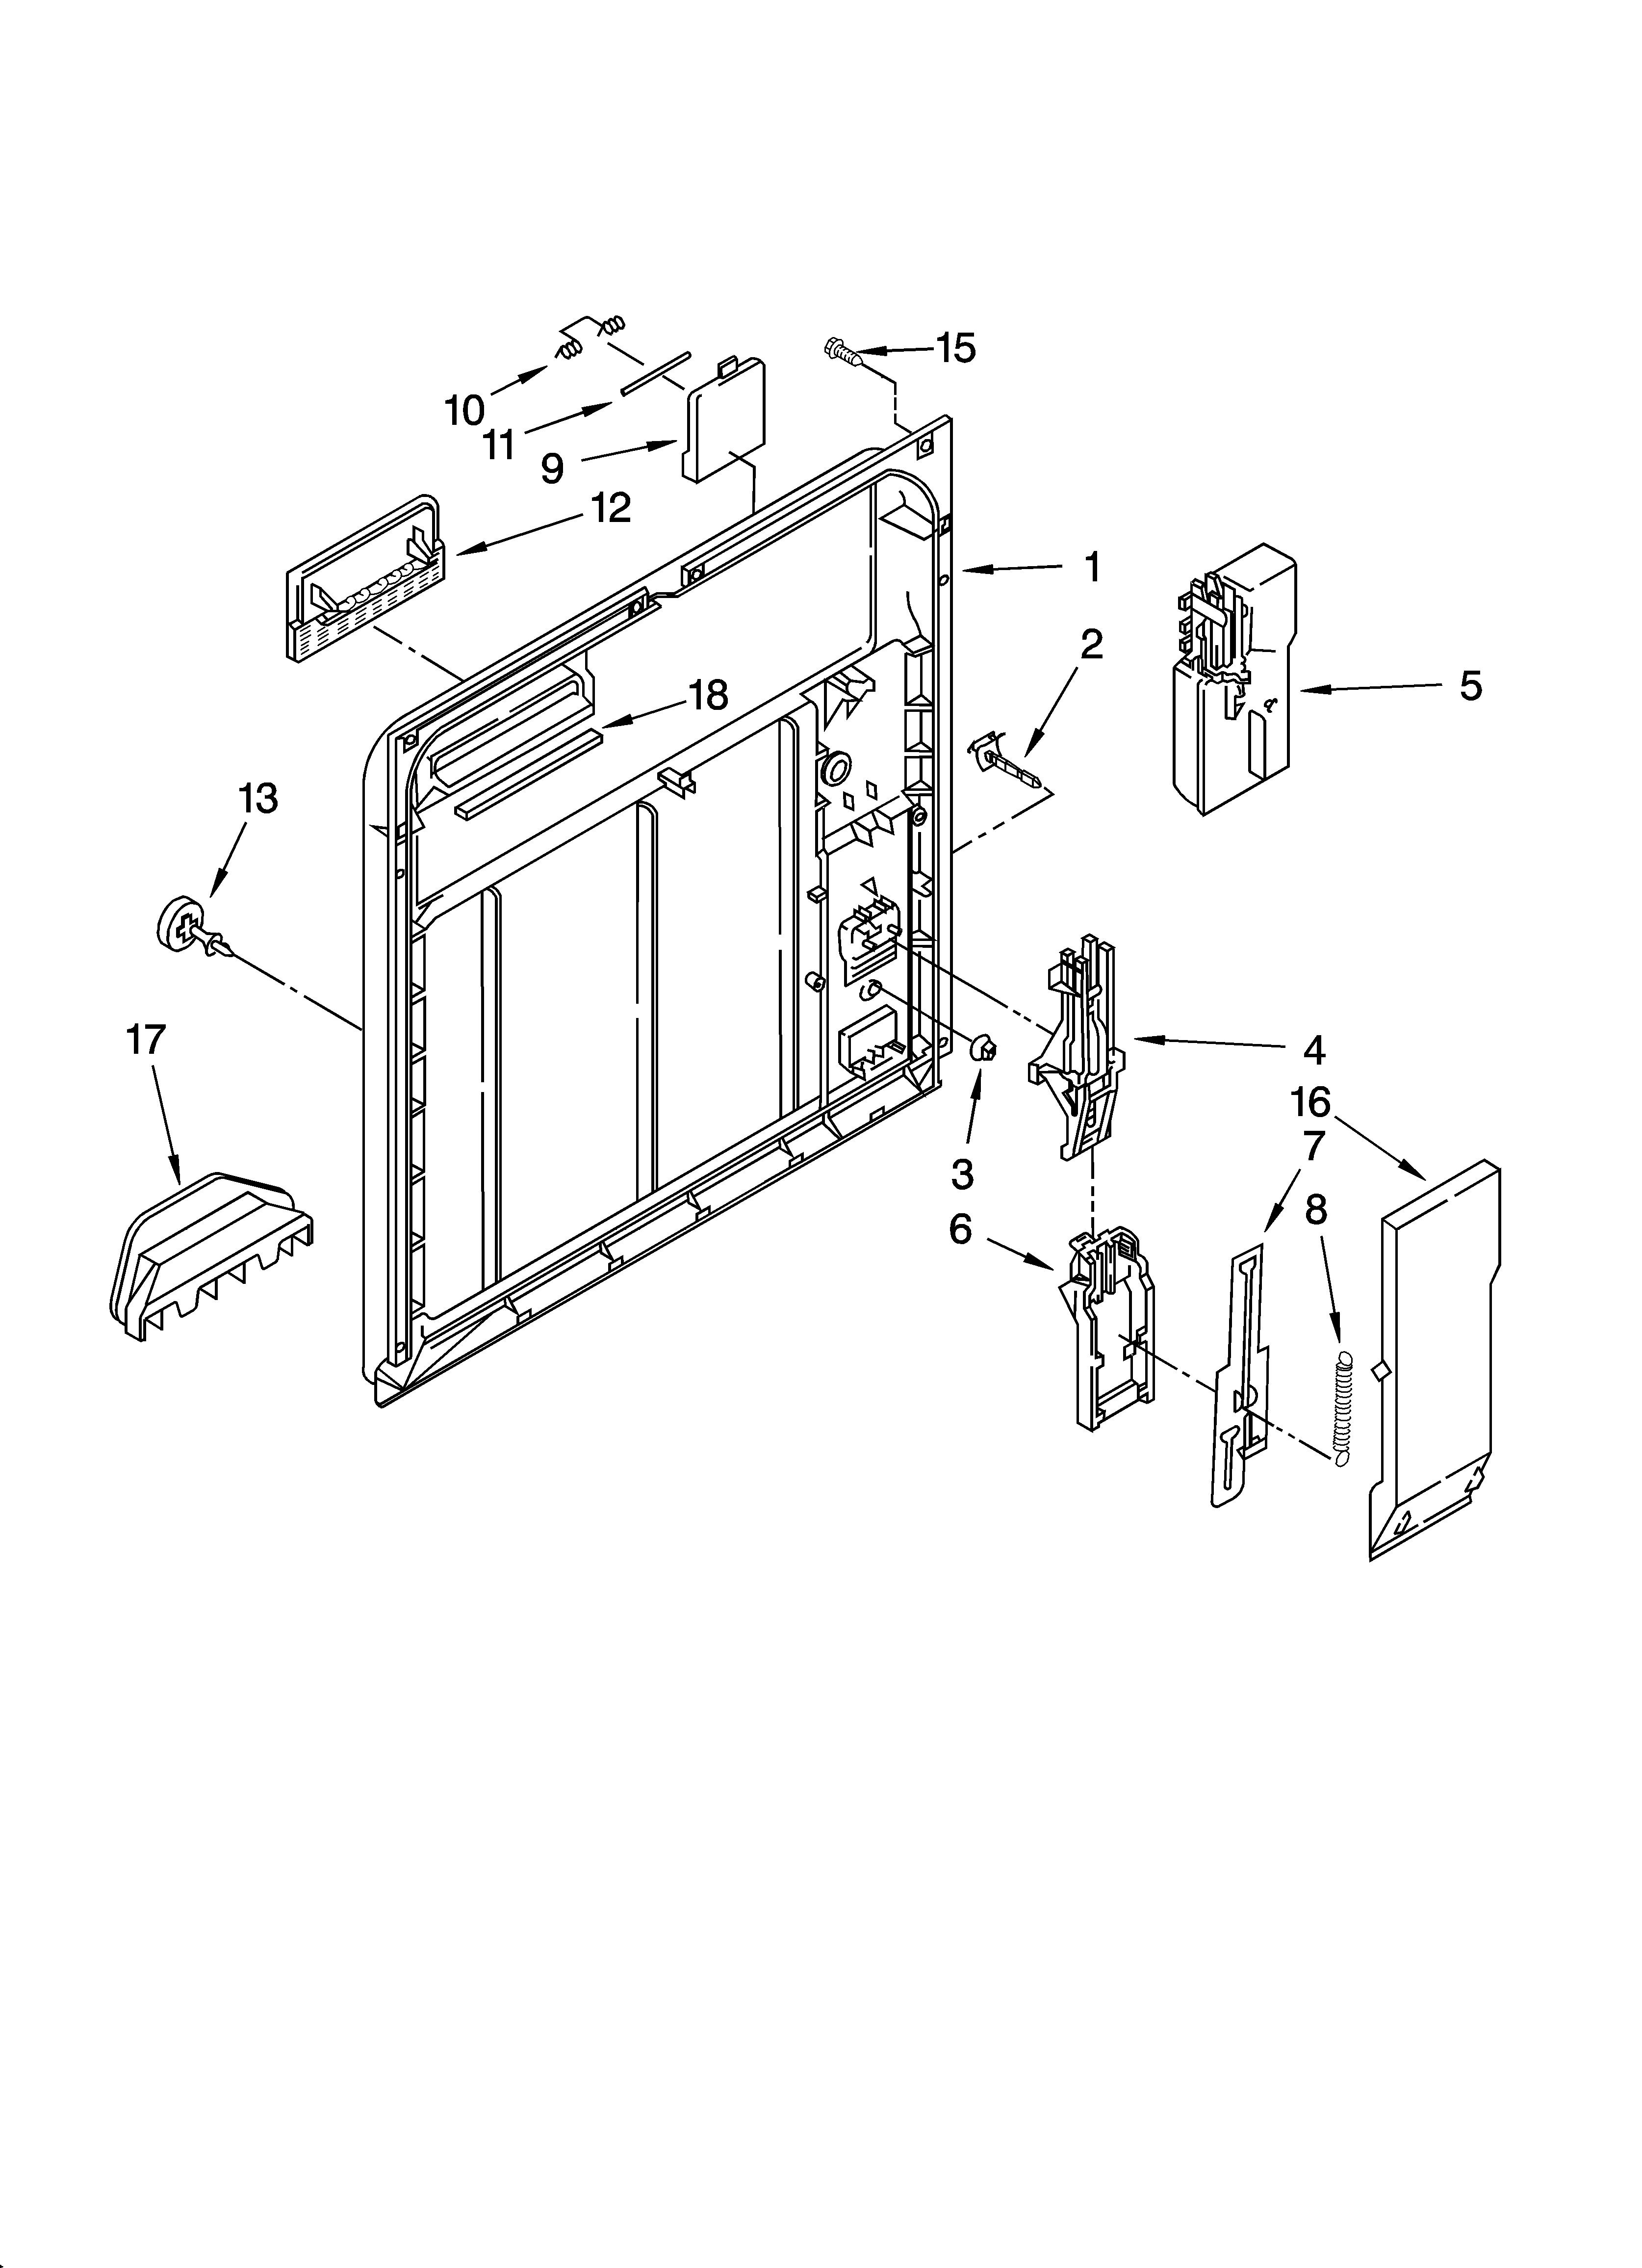 Kenmore Model 66516992400 Dishwasher Genuine Parts Schematic